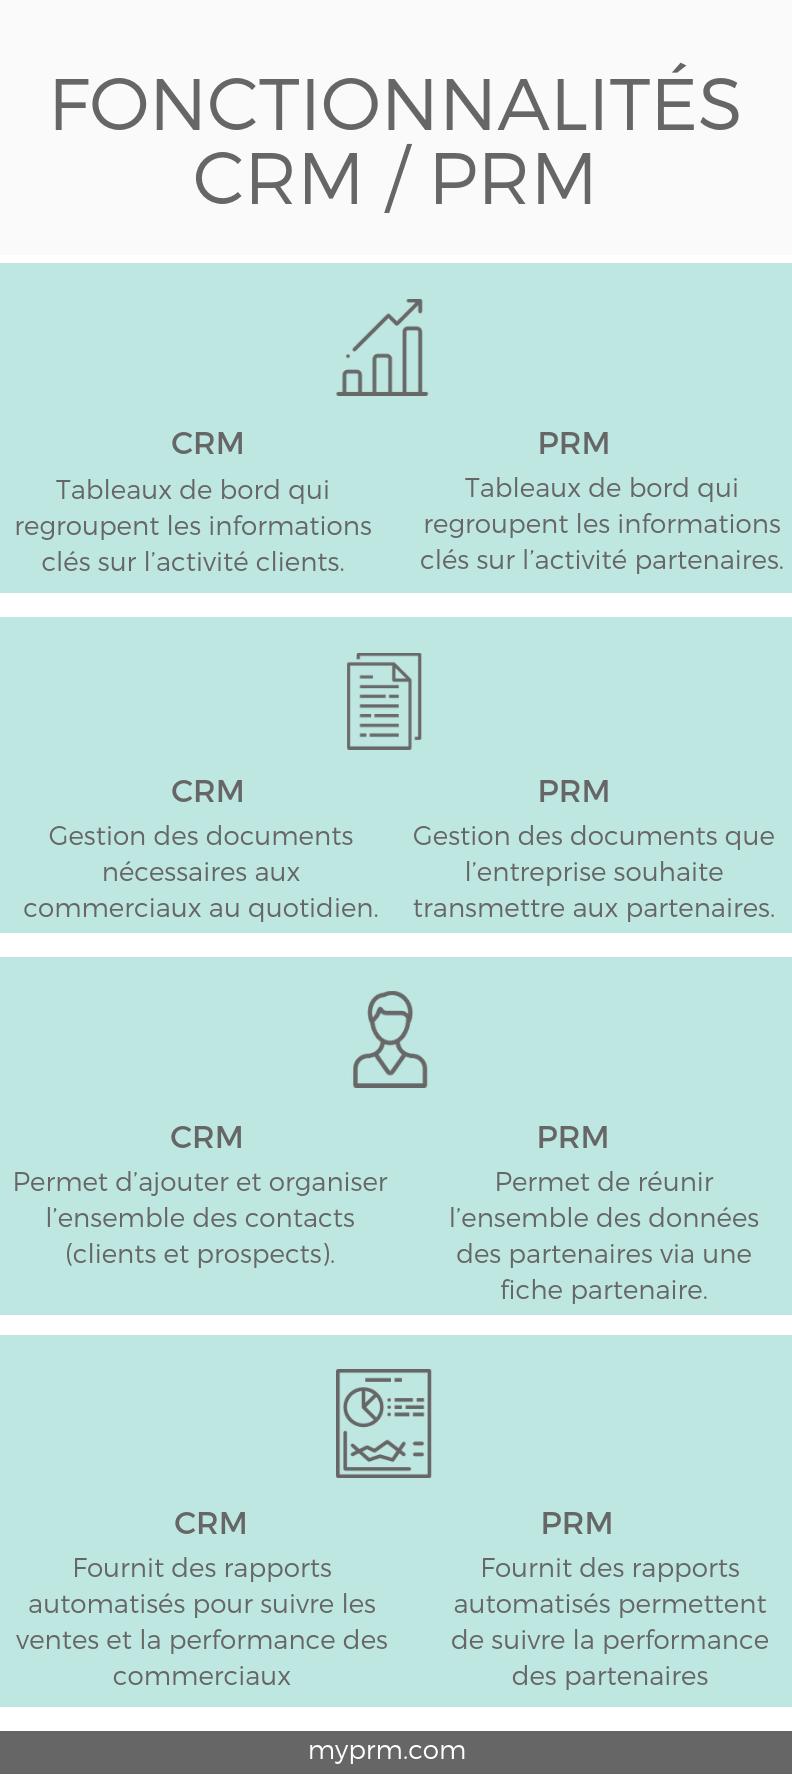 CRM vs PRM fonctionnalités